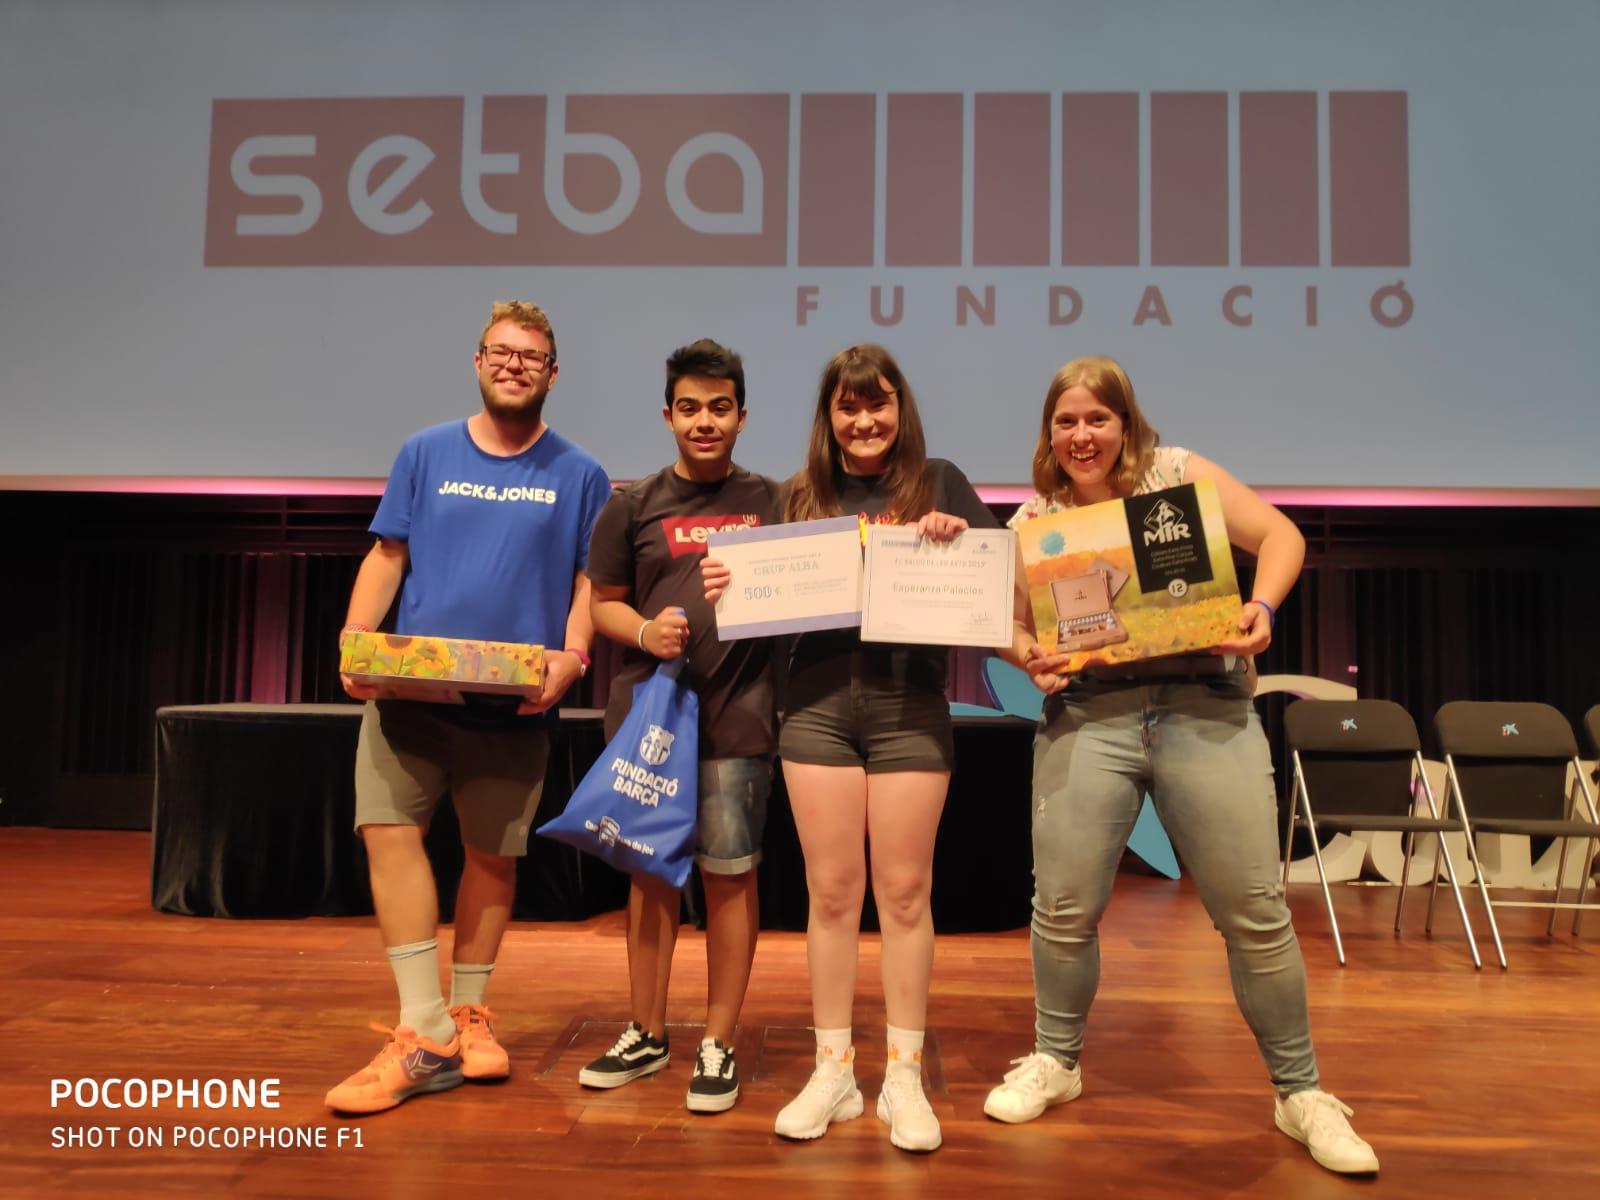 Dos alumnes de l'escola del Grup Alba guanyen els 1rs premis del certamen de pintura El Balcó de les Arts 2019 i disseny Bardinet de la Fundació SETBA.